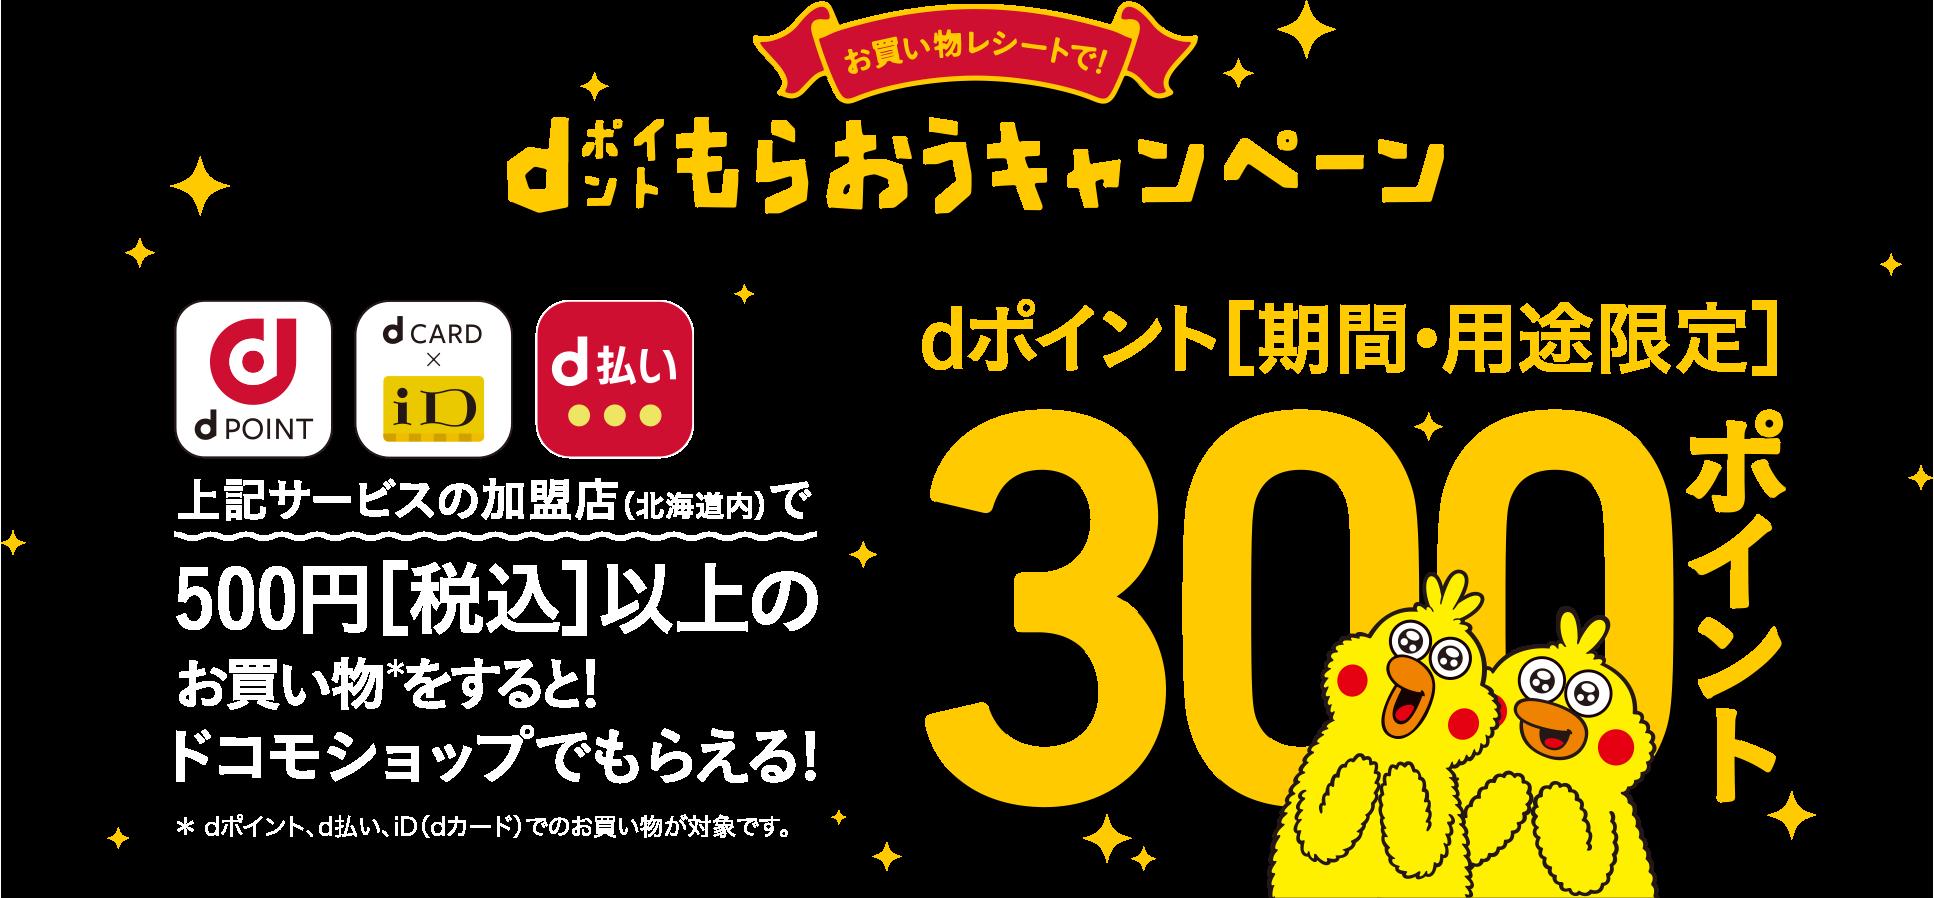 北海道のdポイントやd払い対象のローソンなどで500円以上買い物をすると300dポイントがもれなく貰える。~9/16。